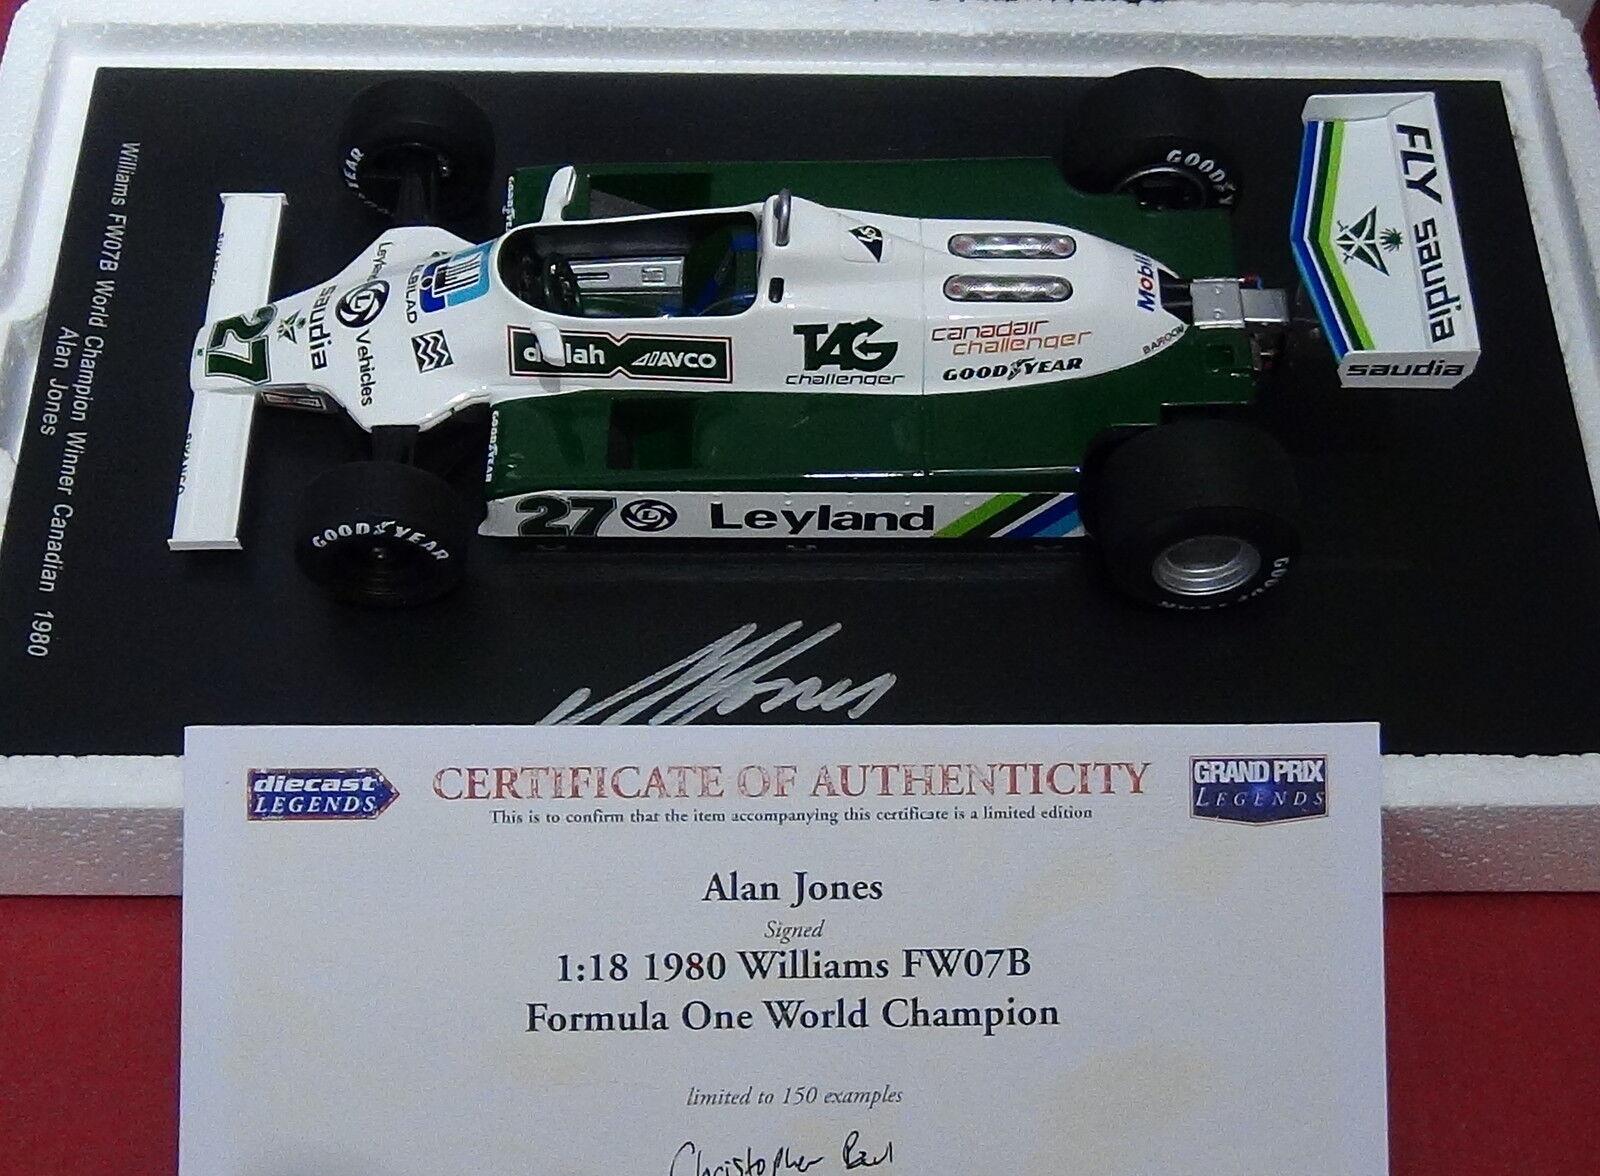 wholesape barato 1:18 Spark Williams FW07B Alan Jones Campeón Campeón Campeón del mundo 2018-18S117  FIRMADA CON cert. de autenticidad  El ultimo 2018